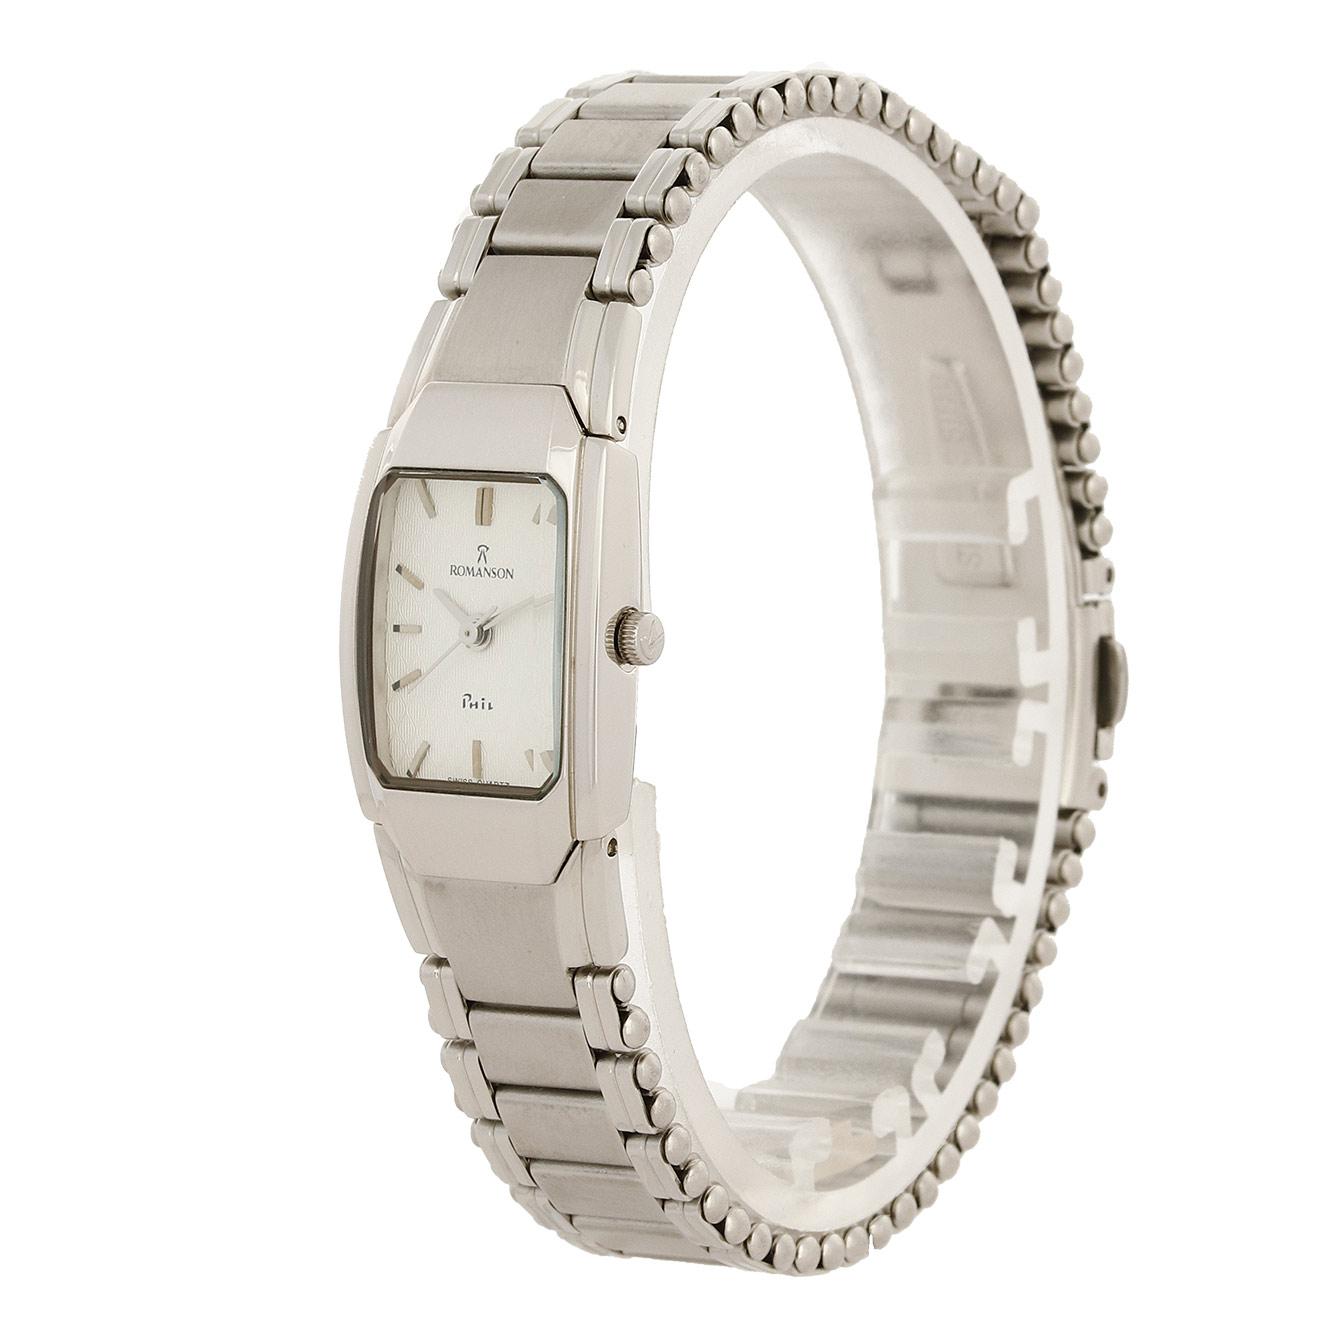 ساعت مچی عقربه ای زنانه رومانسون مدل NM4516LL1WAS2W              ارزان